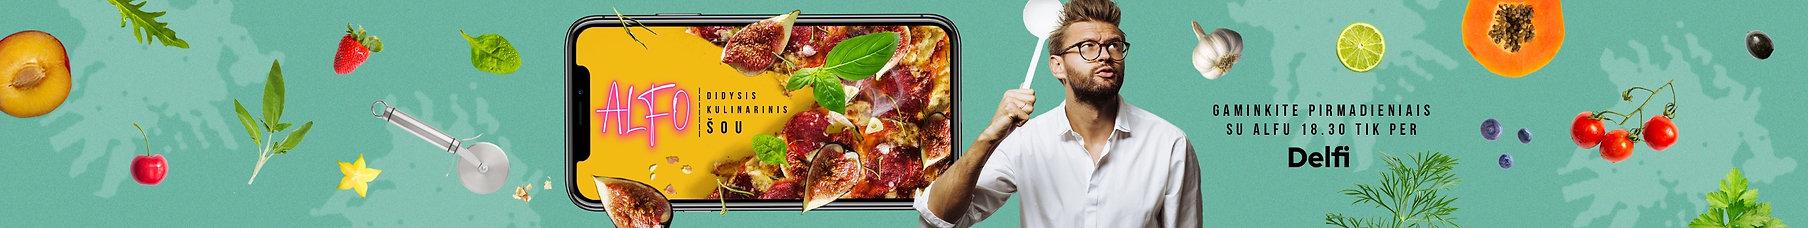 Alfo didysis kulinarinis šou, Alfo receptai